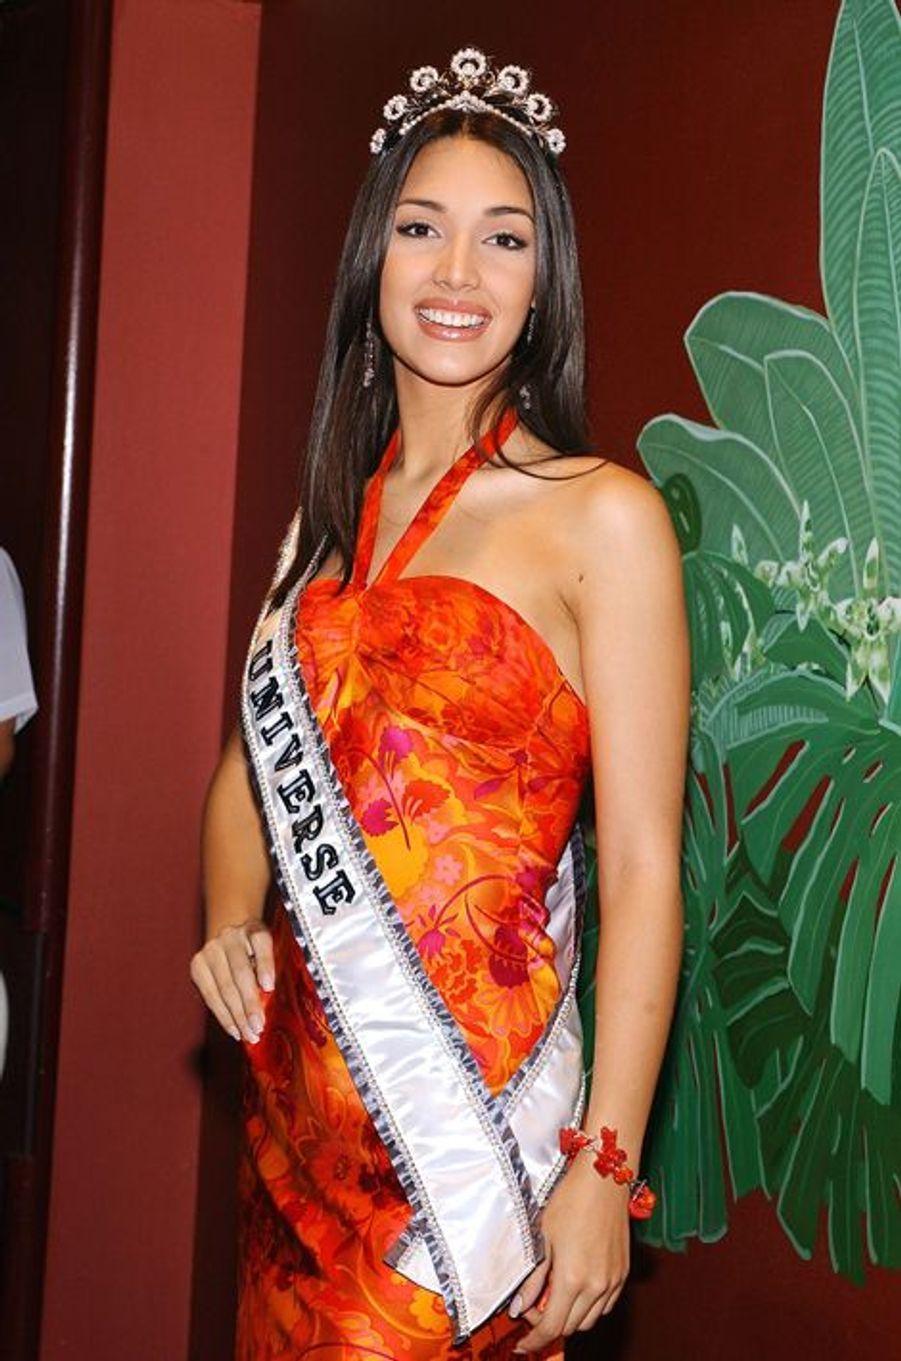 Amelia Vega, Miss République Dominicaine élue Miss Univers 2003